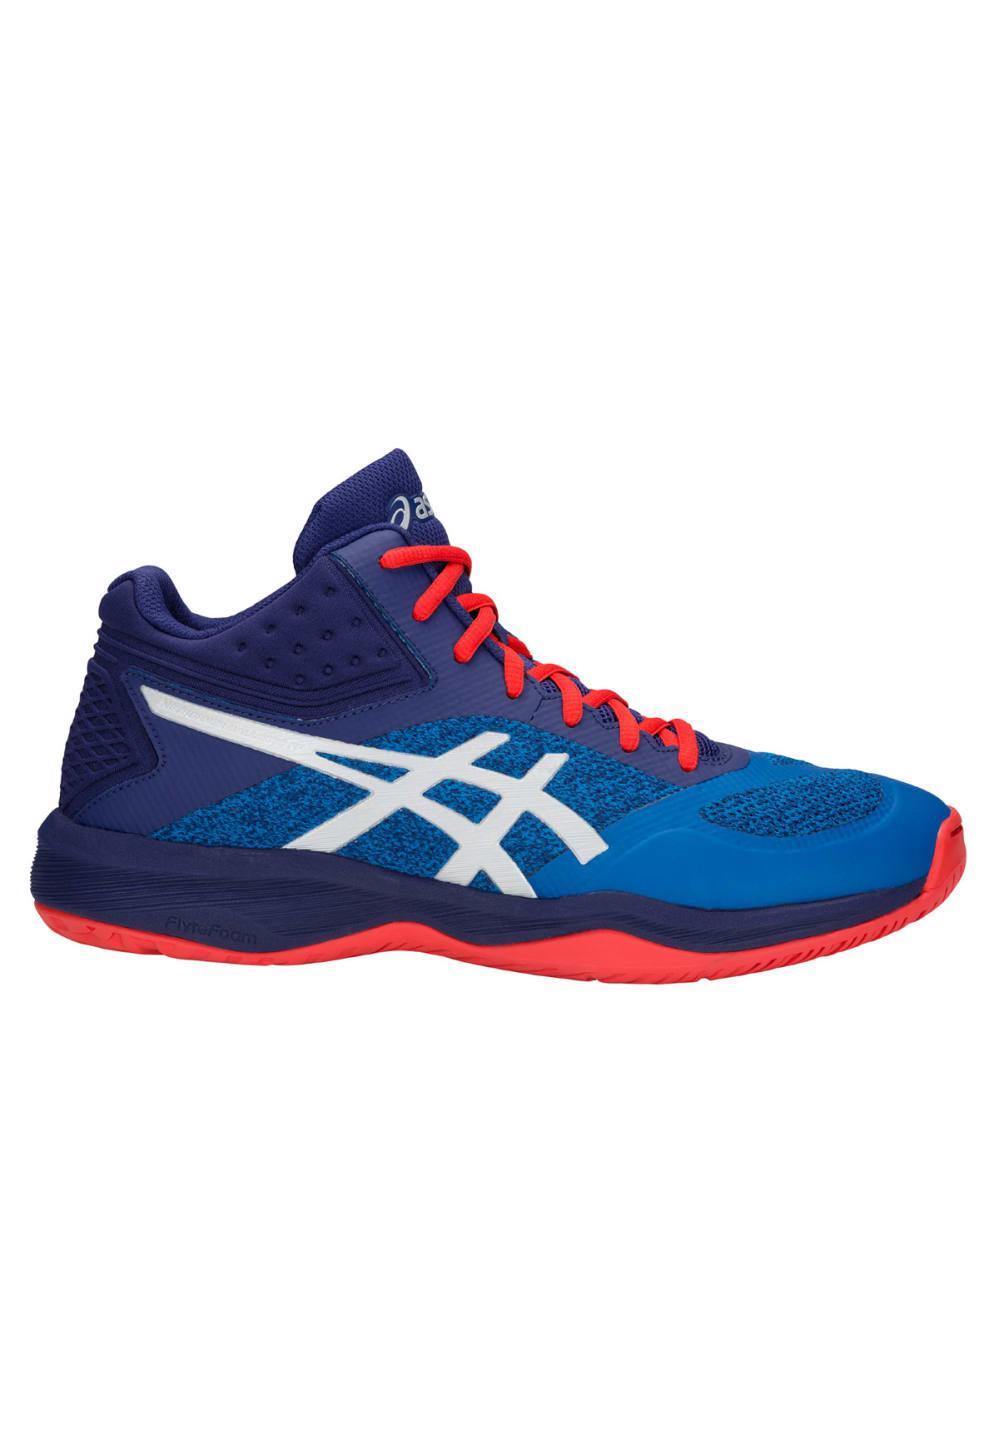 ASICS Netburner Ballistic FF MT Chaussures de volleyball pour Homme Bleu